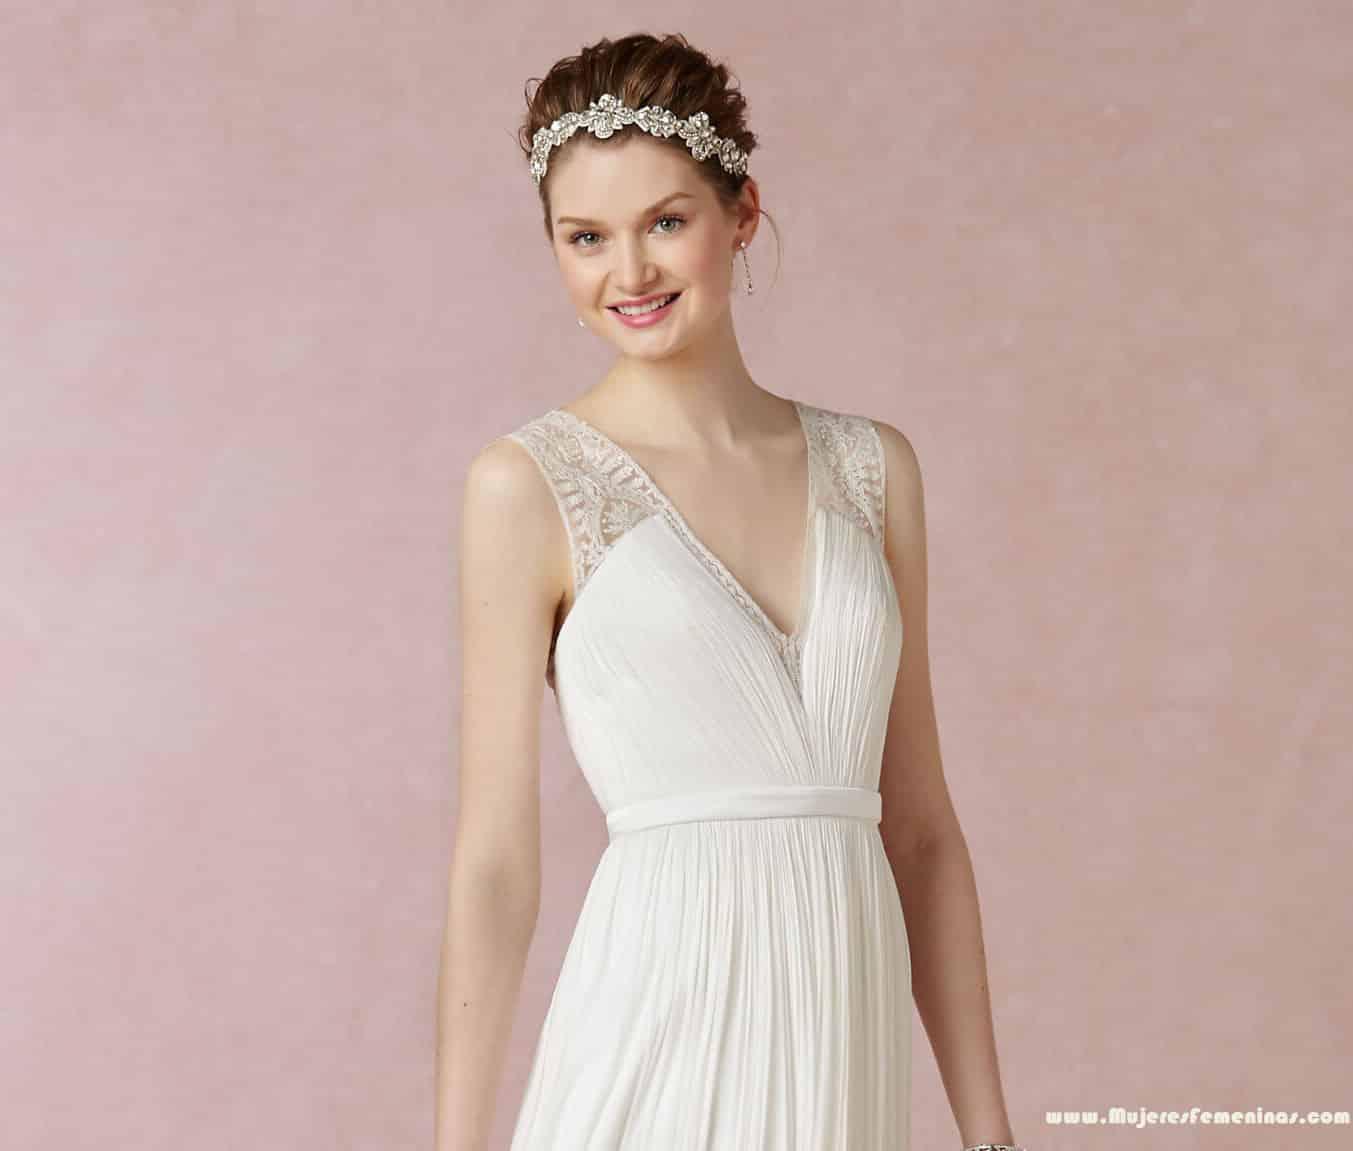 72610546d Los 28 mejores vestidos de novia para una boda civil - Mujeres Femeninas